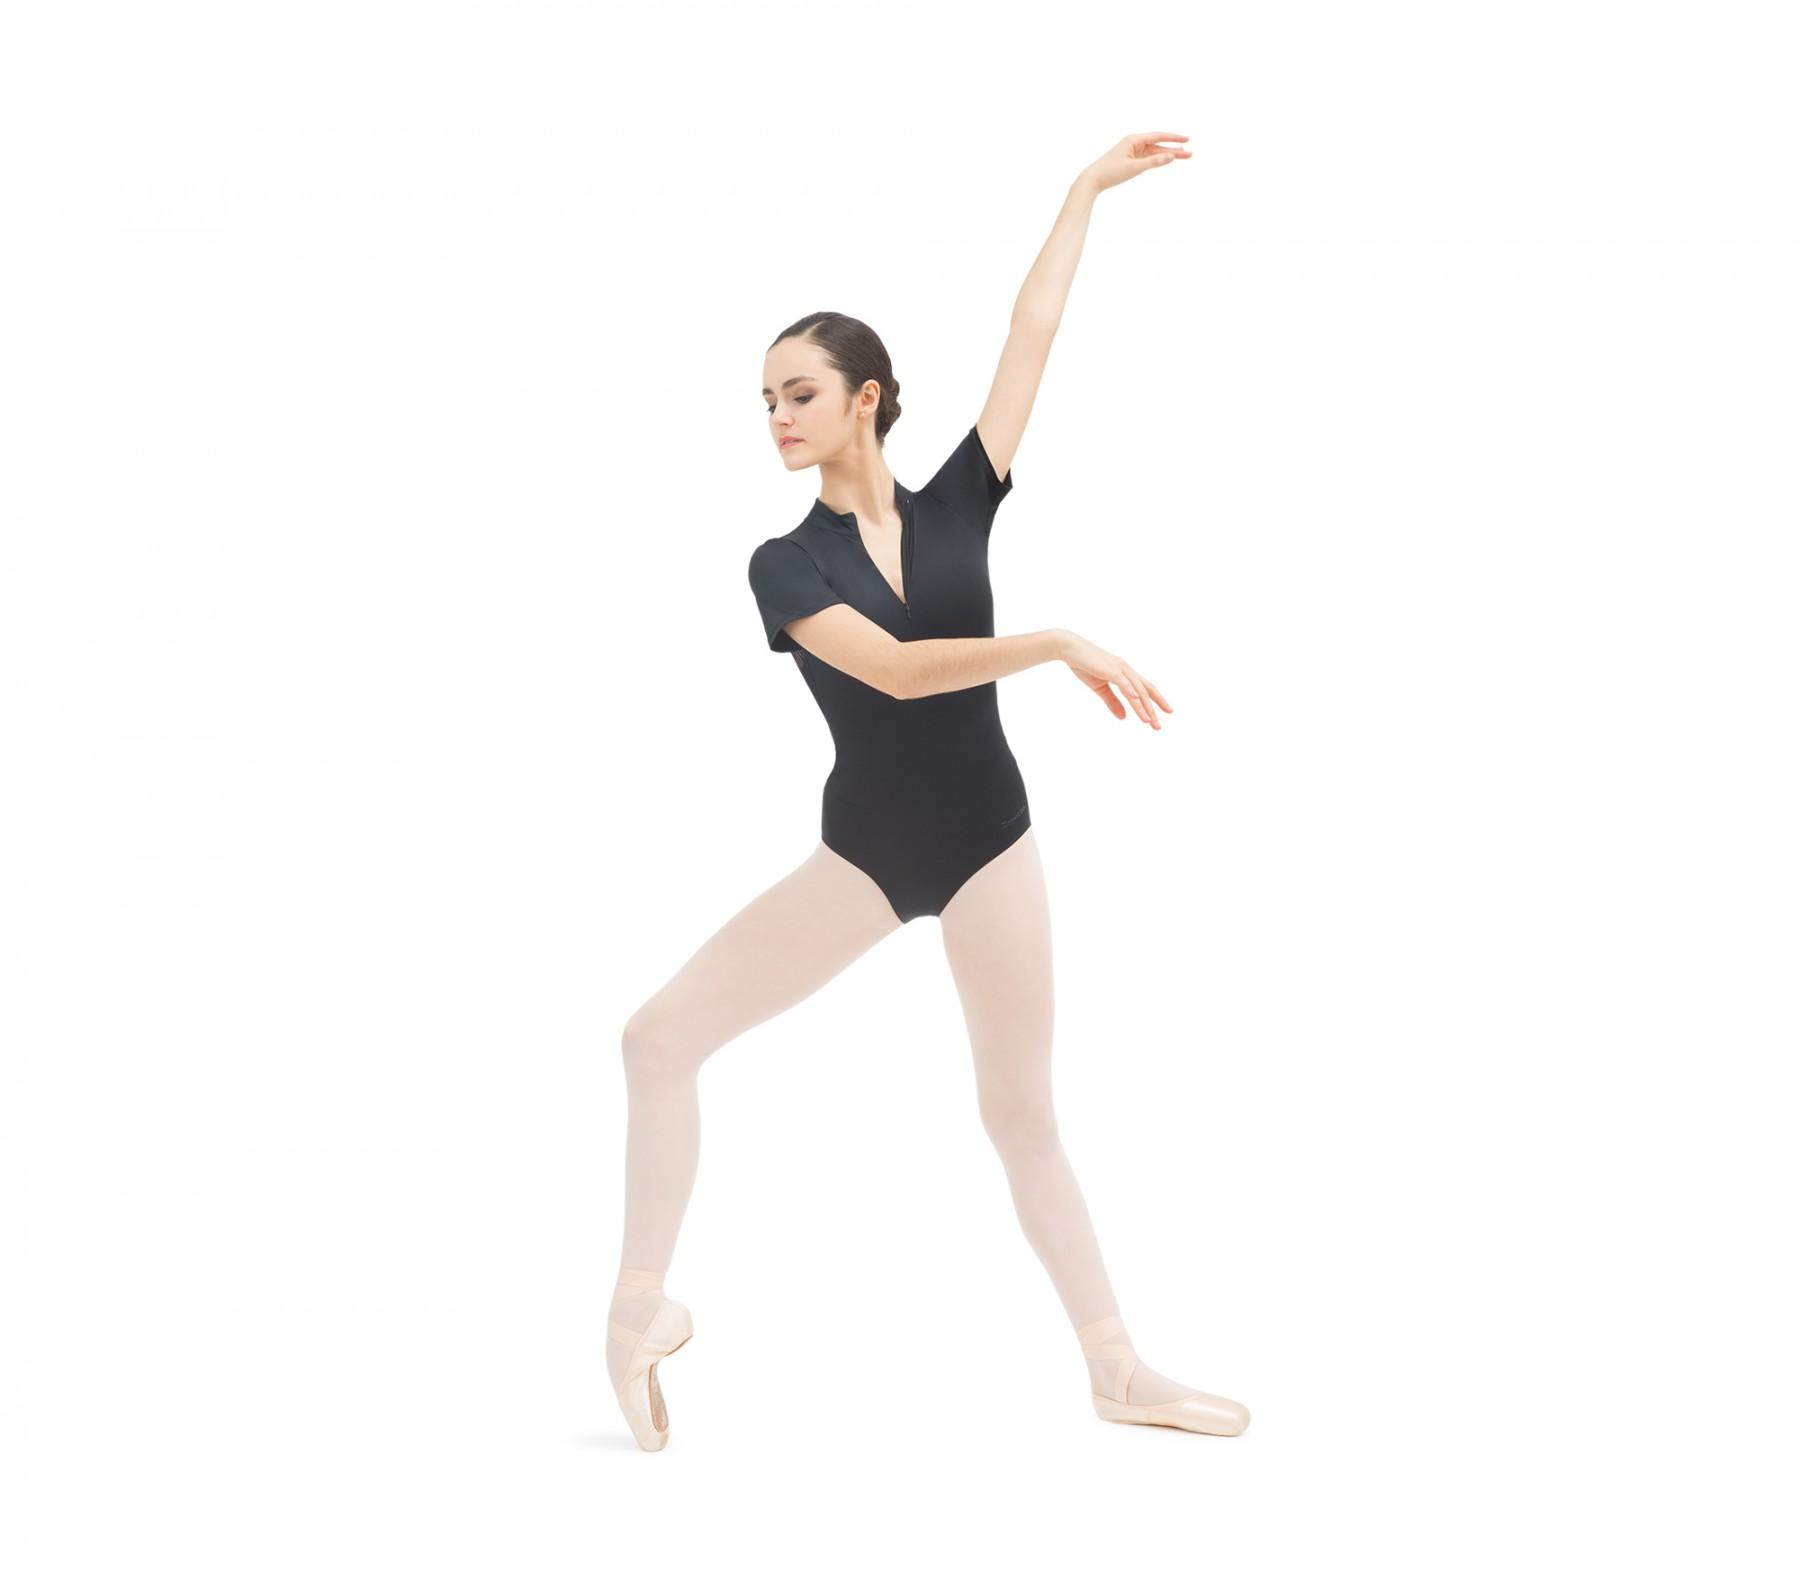 Tanztrikot mit Stehkragen und Spitze am Rücken